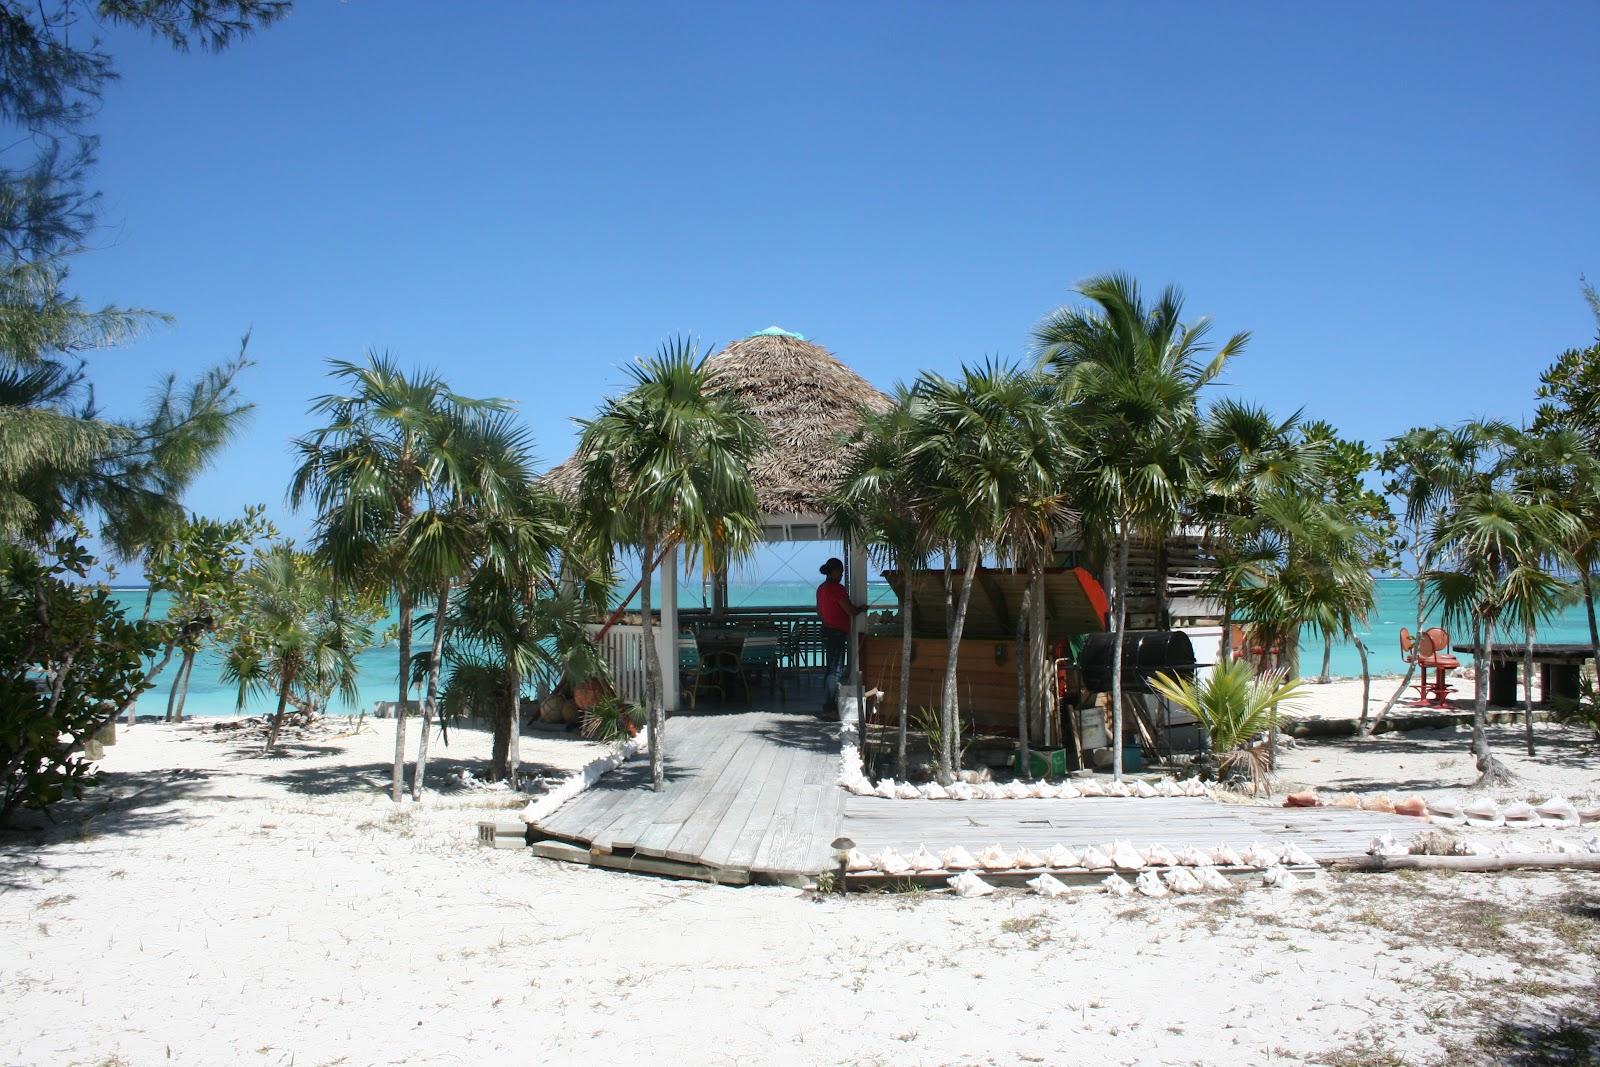 Pelican Beach Hotel North Caicos Barracuda Bar And Grill